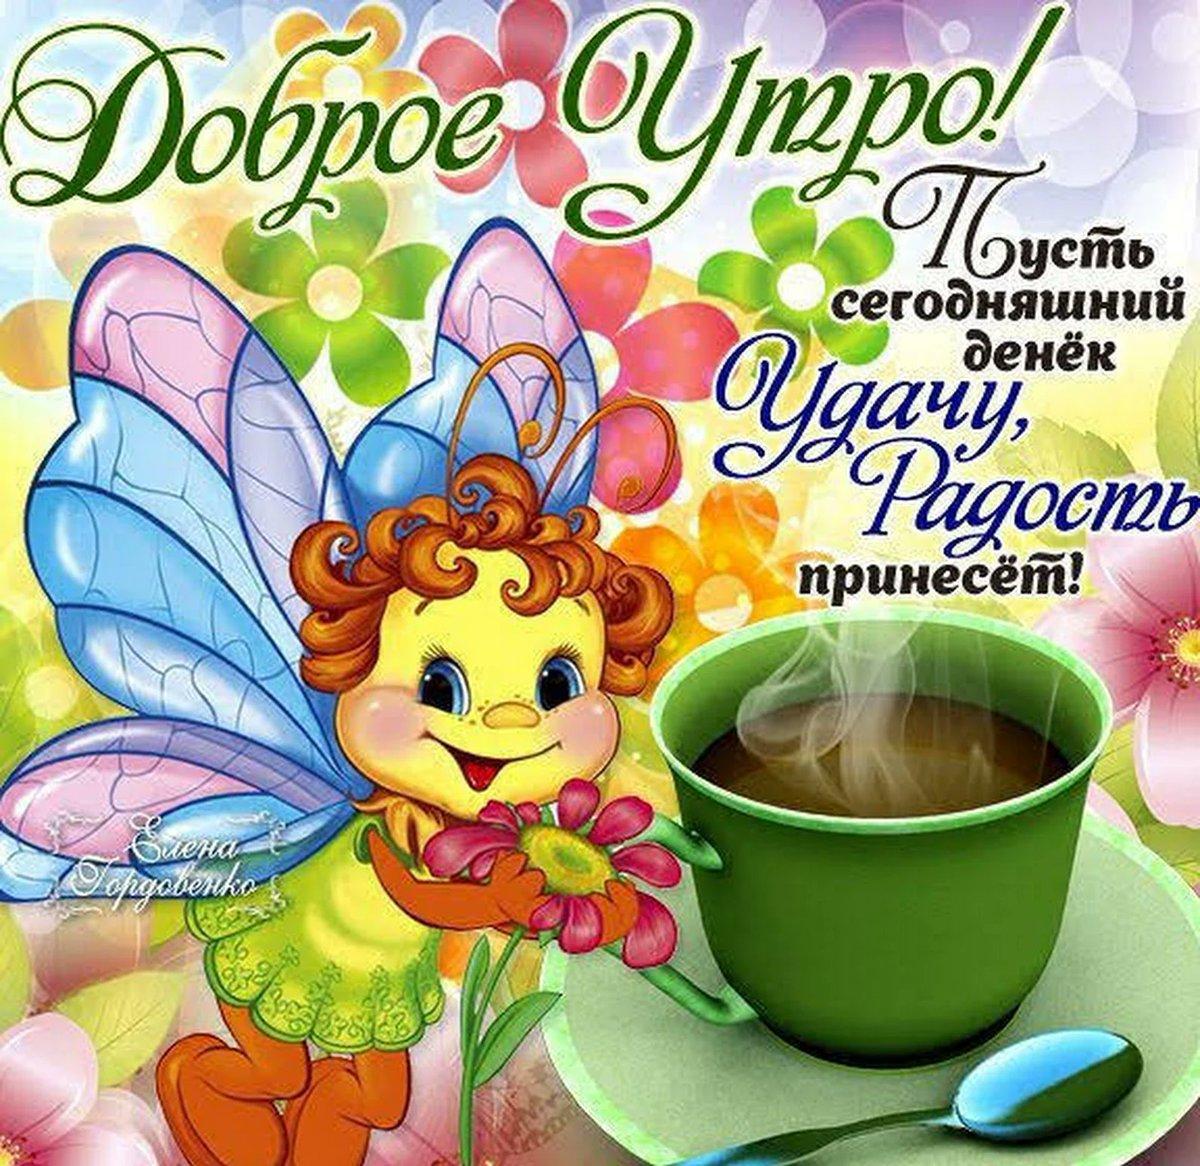 Детские картинки с пожеланиями доброго утра